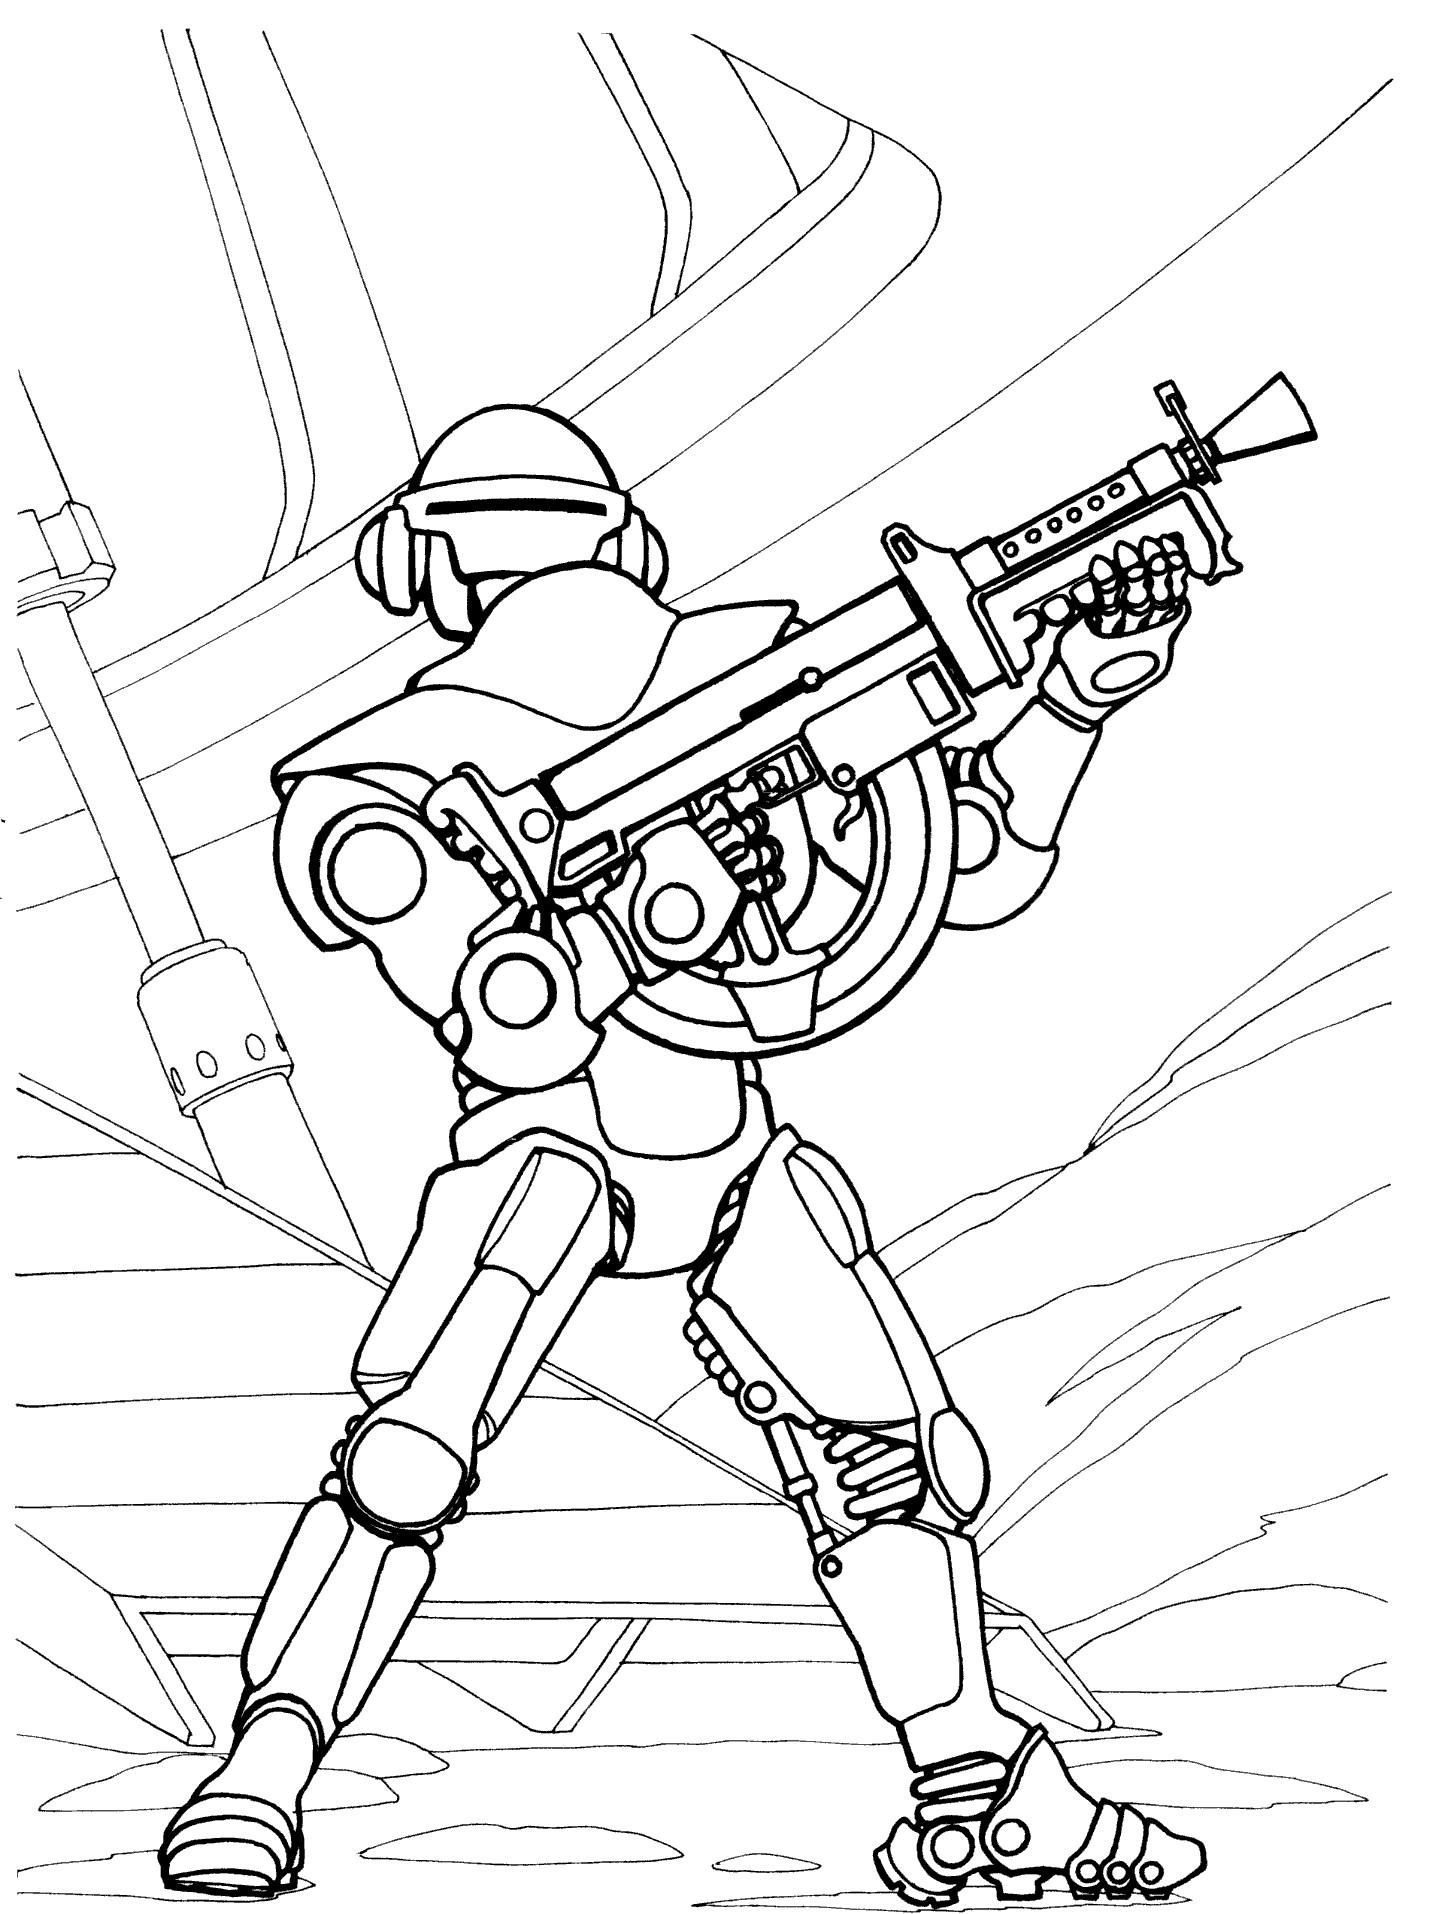 Раскраска робот пехотинец | Раскраски для детей ...